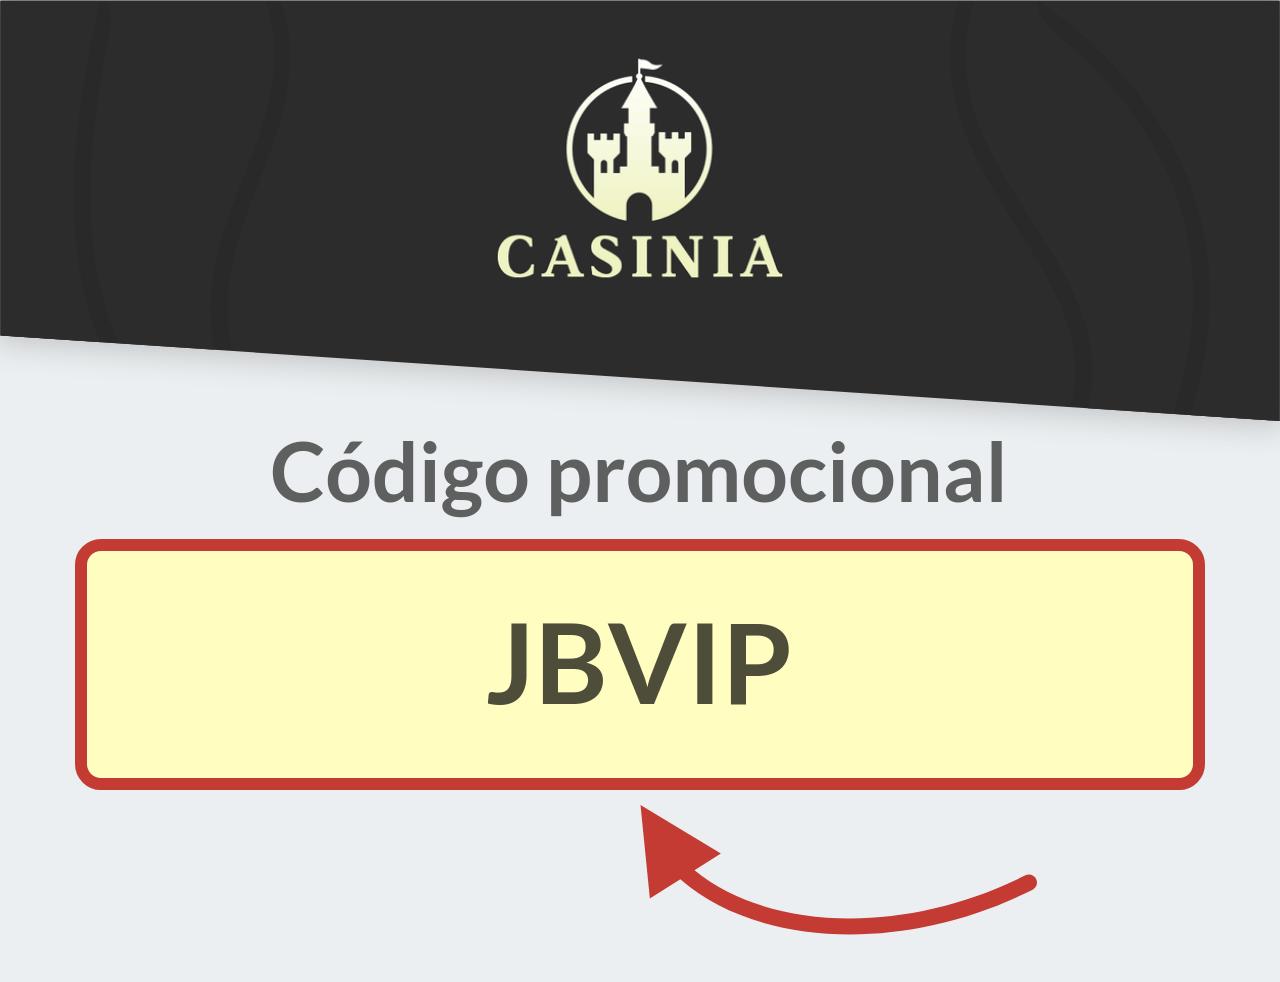 Código Promocional Casinia.com